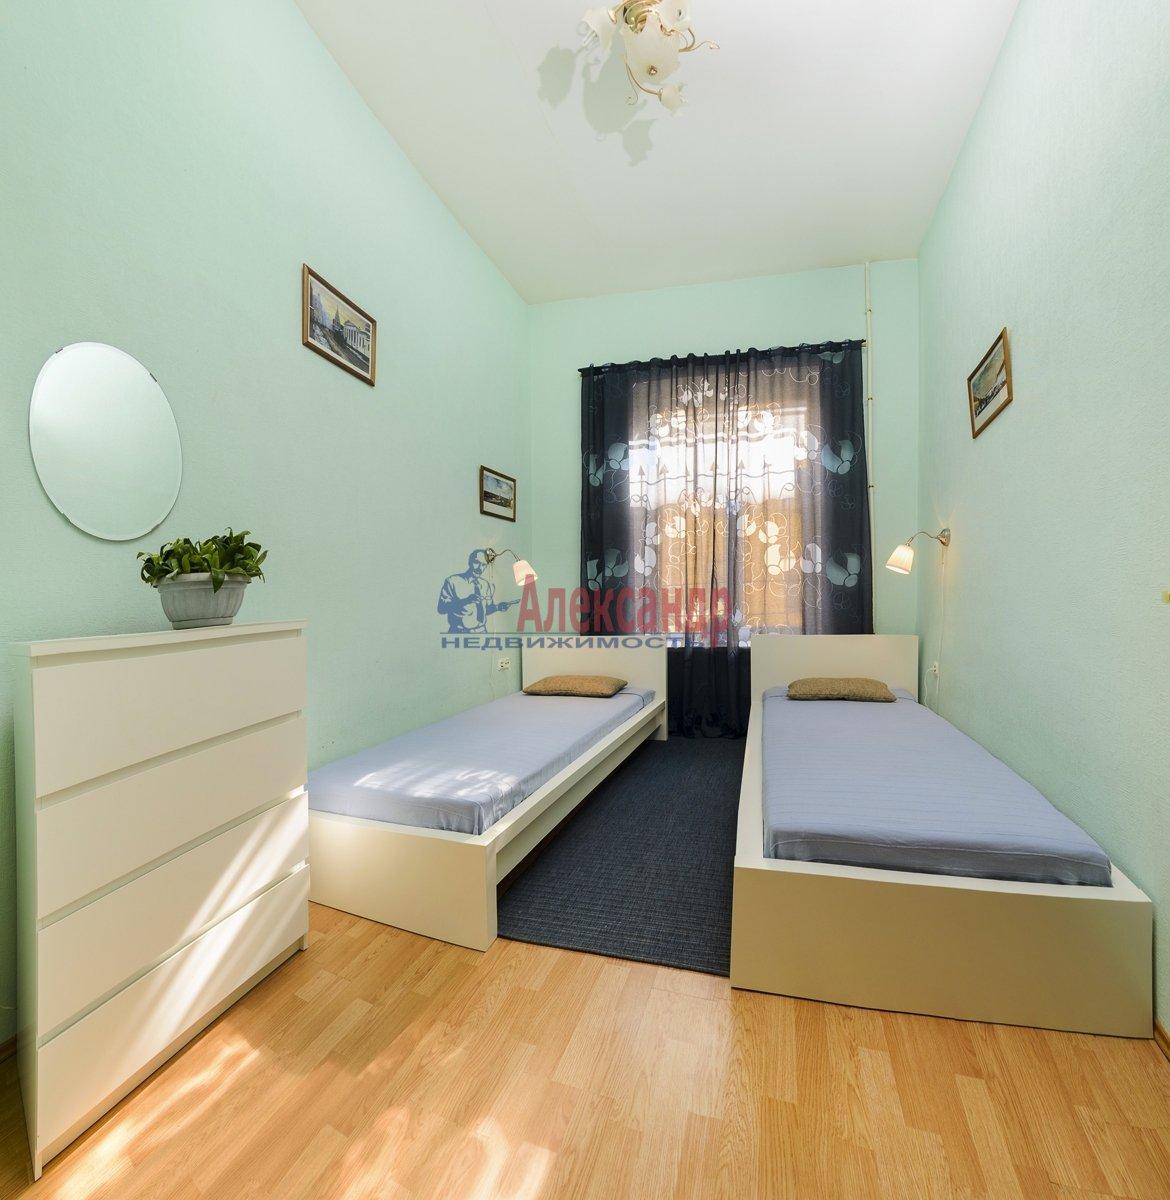 3-комнатная квартира (100м2) в аренду по адресу Малая Конюшенная ул., 10— фото 3 из 10